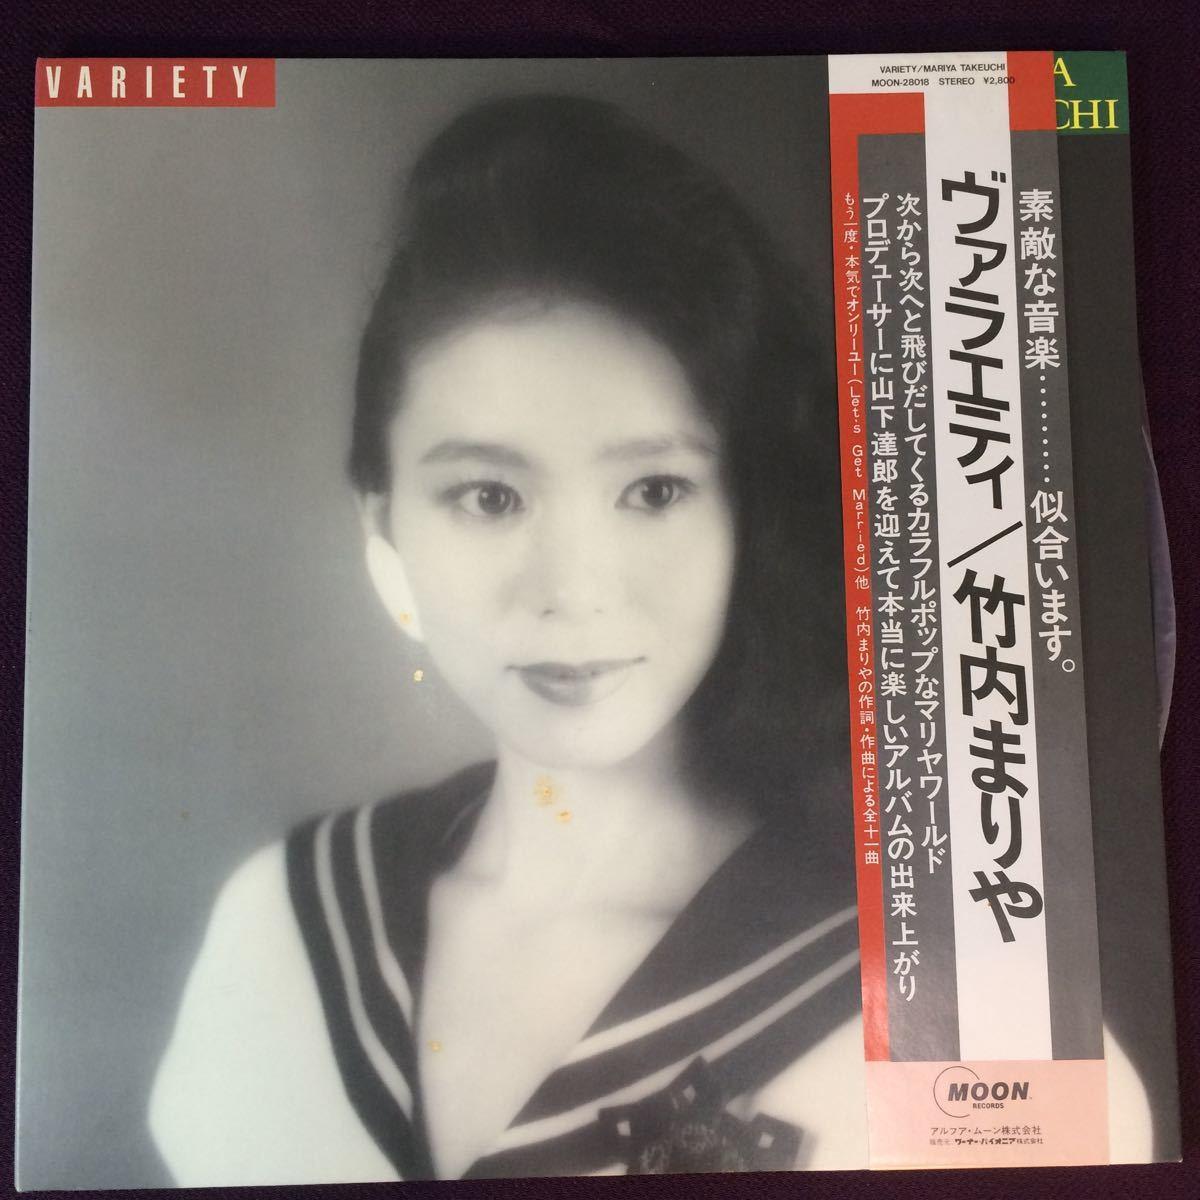 ★☆竹内まりや ヴァラエティ LPレコード MOON-28018 帯あり☆★